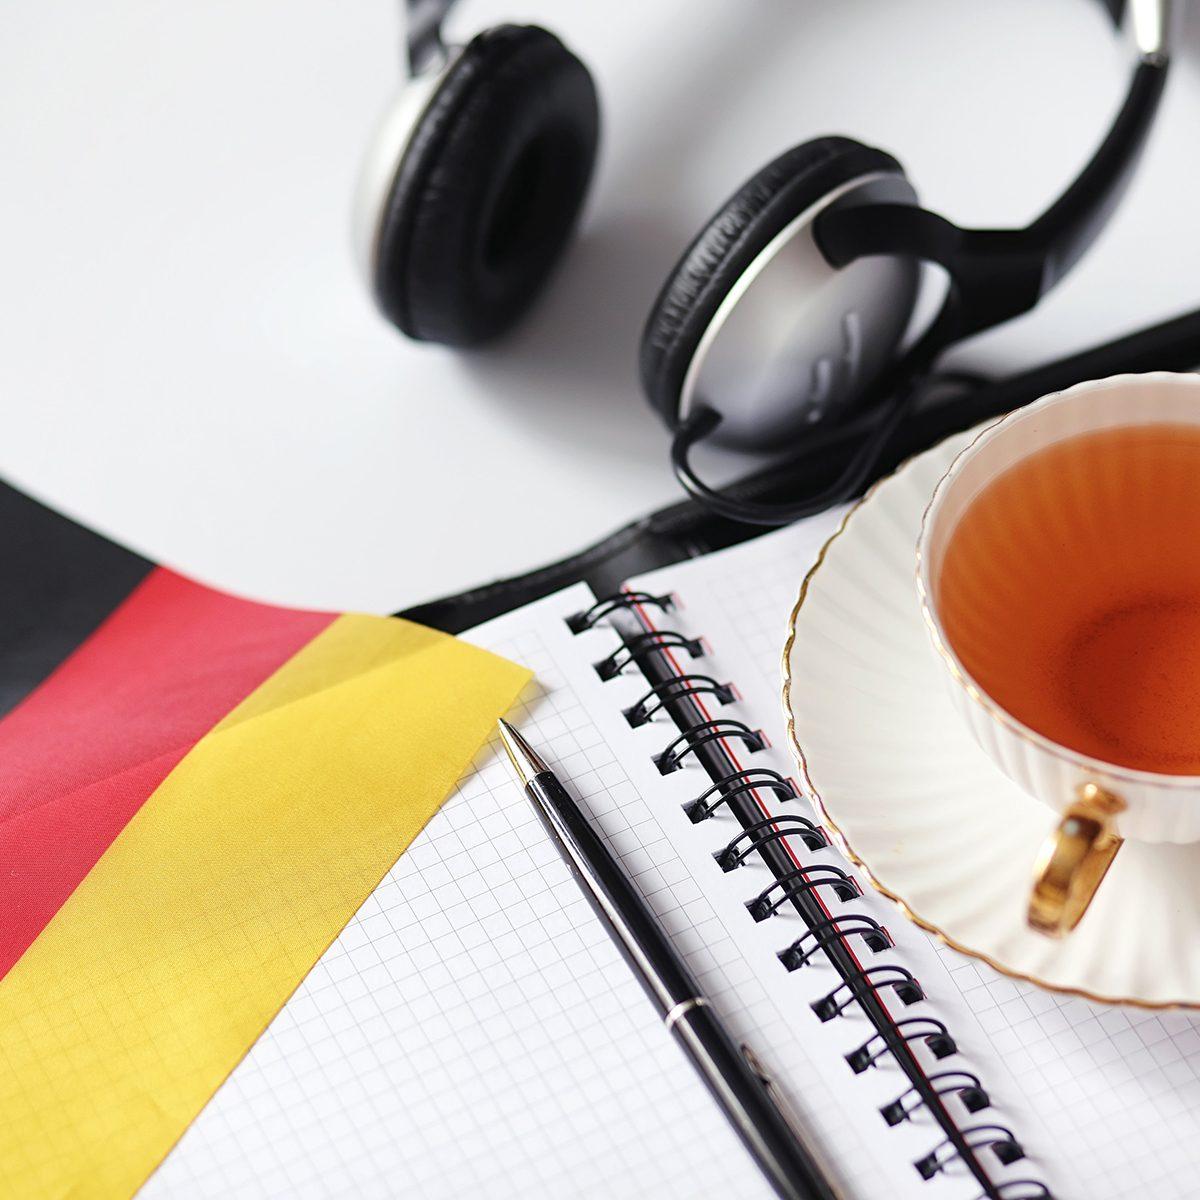 Headphones, tea, and flag on a desk